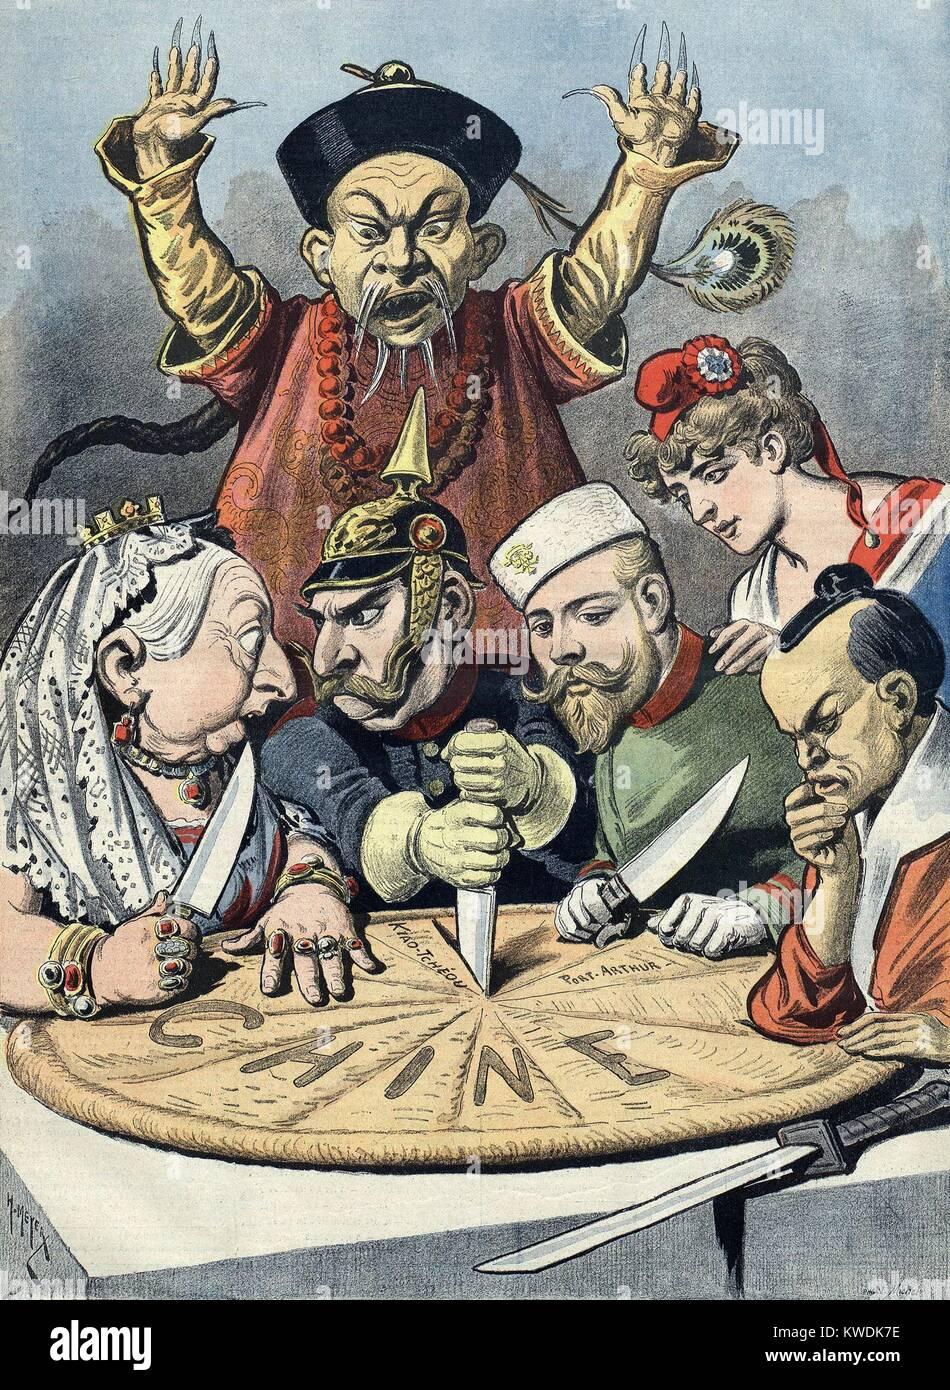 1898 Politique Française caricature montre les Européens de morceler la Chine. Derrière eux un agité Photo Stock